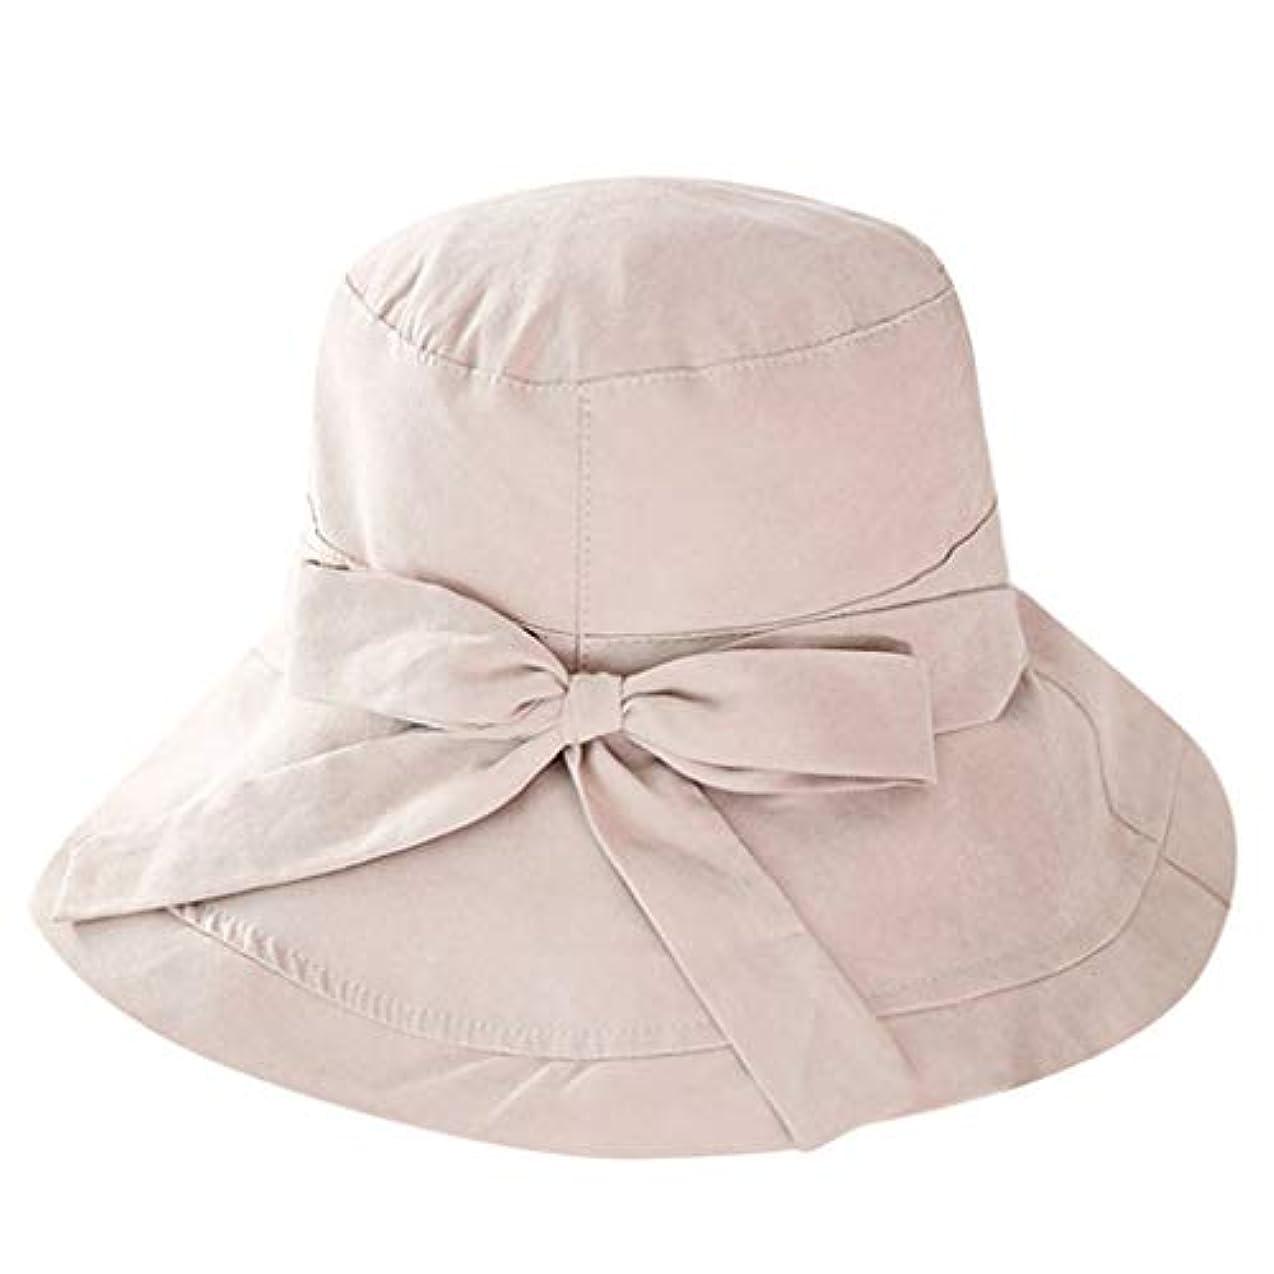 バスルーム標準鯨帽子 レディース 夏 綿 つば広い おしゃれ シンプル カジュアル UVカット 帽子 ハット レディース おしゃれ 可愛い 夏 小顔効果 折りたたみ サイズ調節可 蝶結び 森ガール オールシーズン ROSE ROMAN